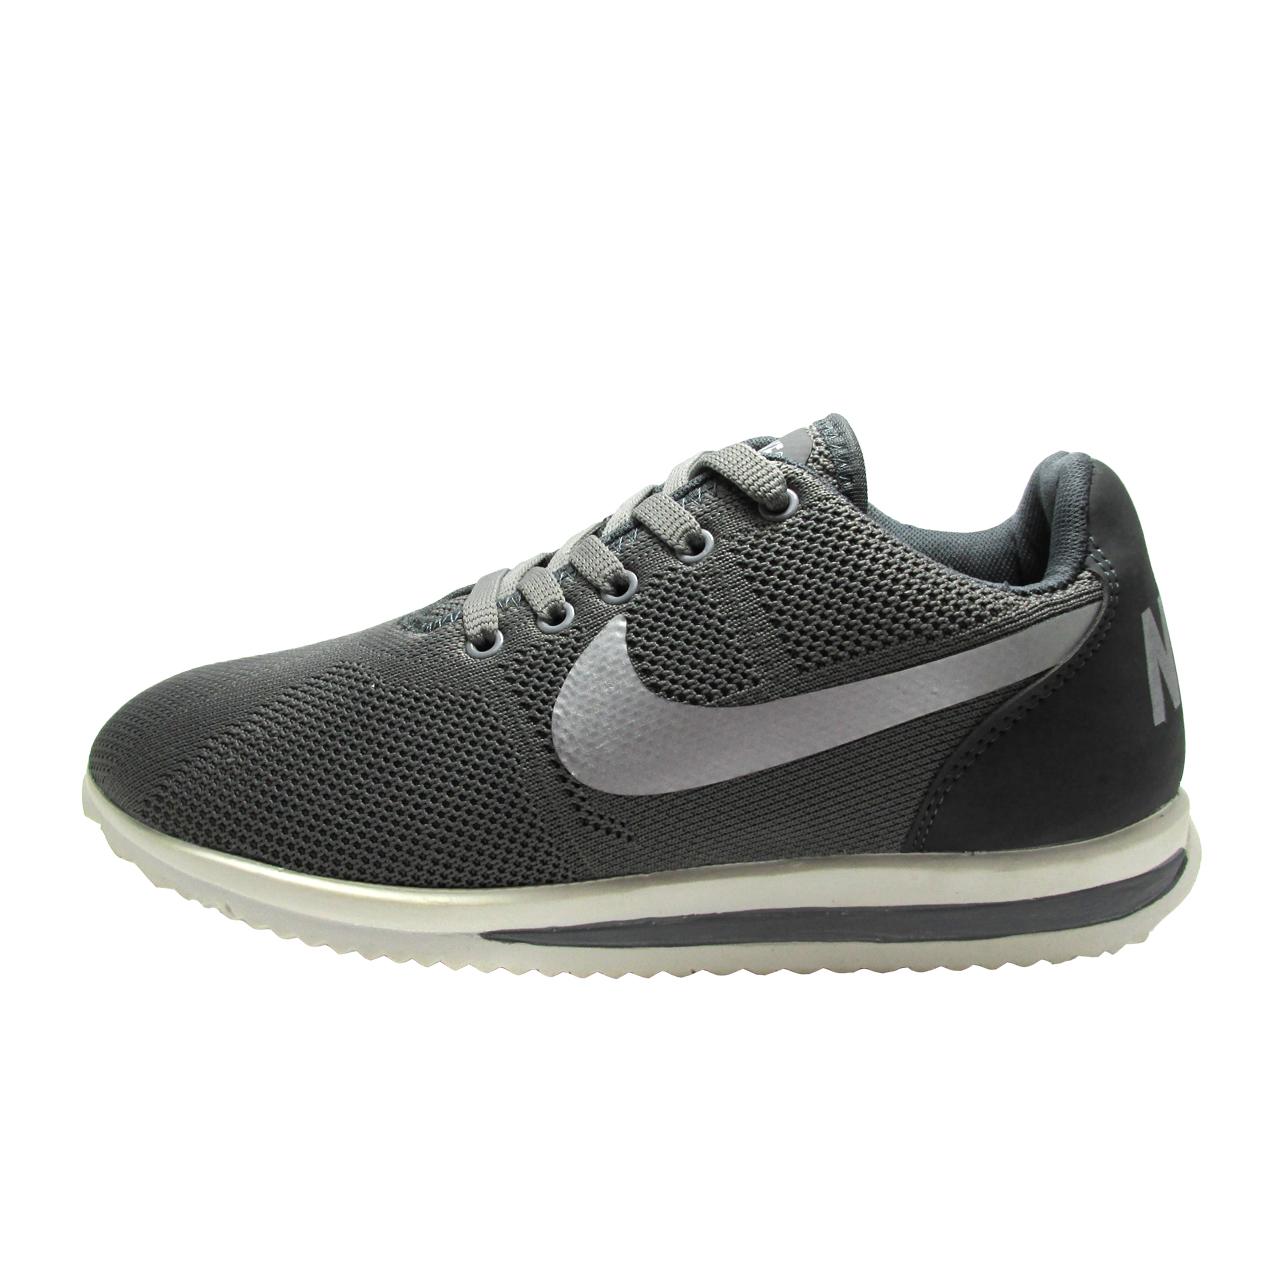 قیمت کفش پیاده روی مردانه مدل B18 رنگ طوسی